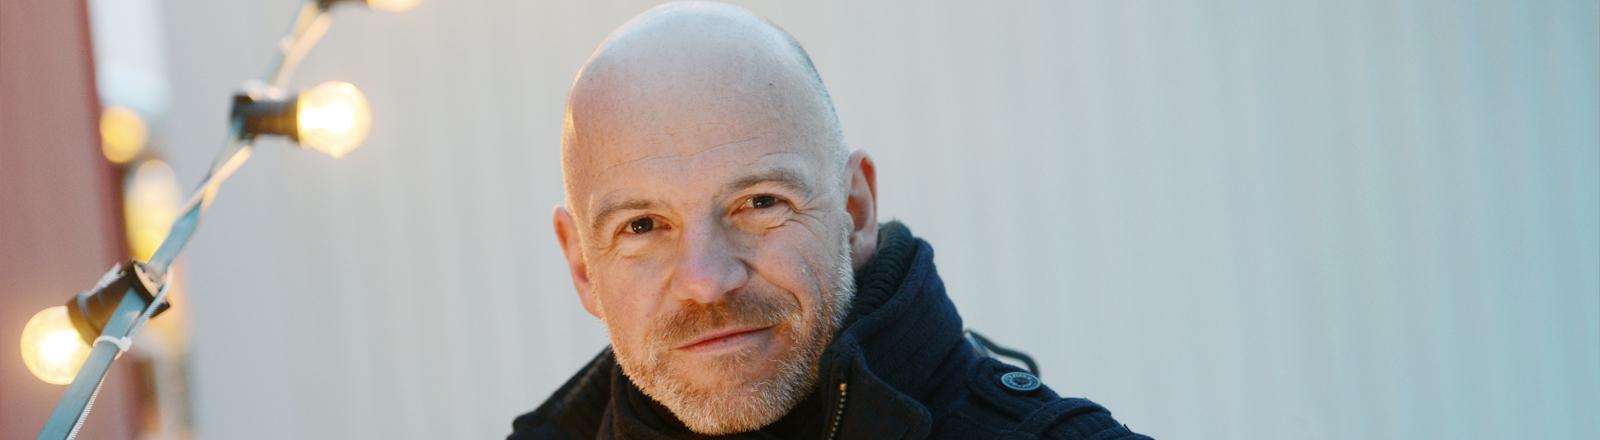 Schauspieler Dietmar Wunder lächelt in die Kamera